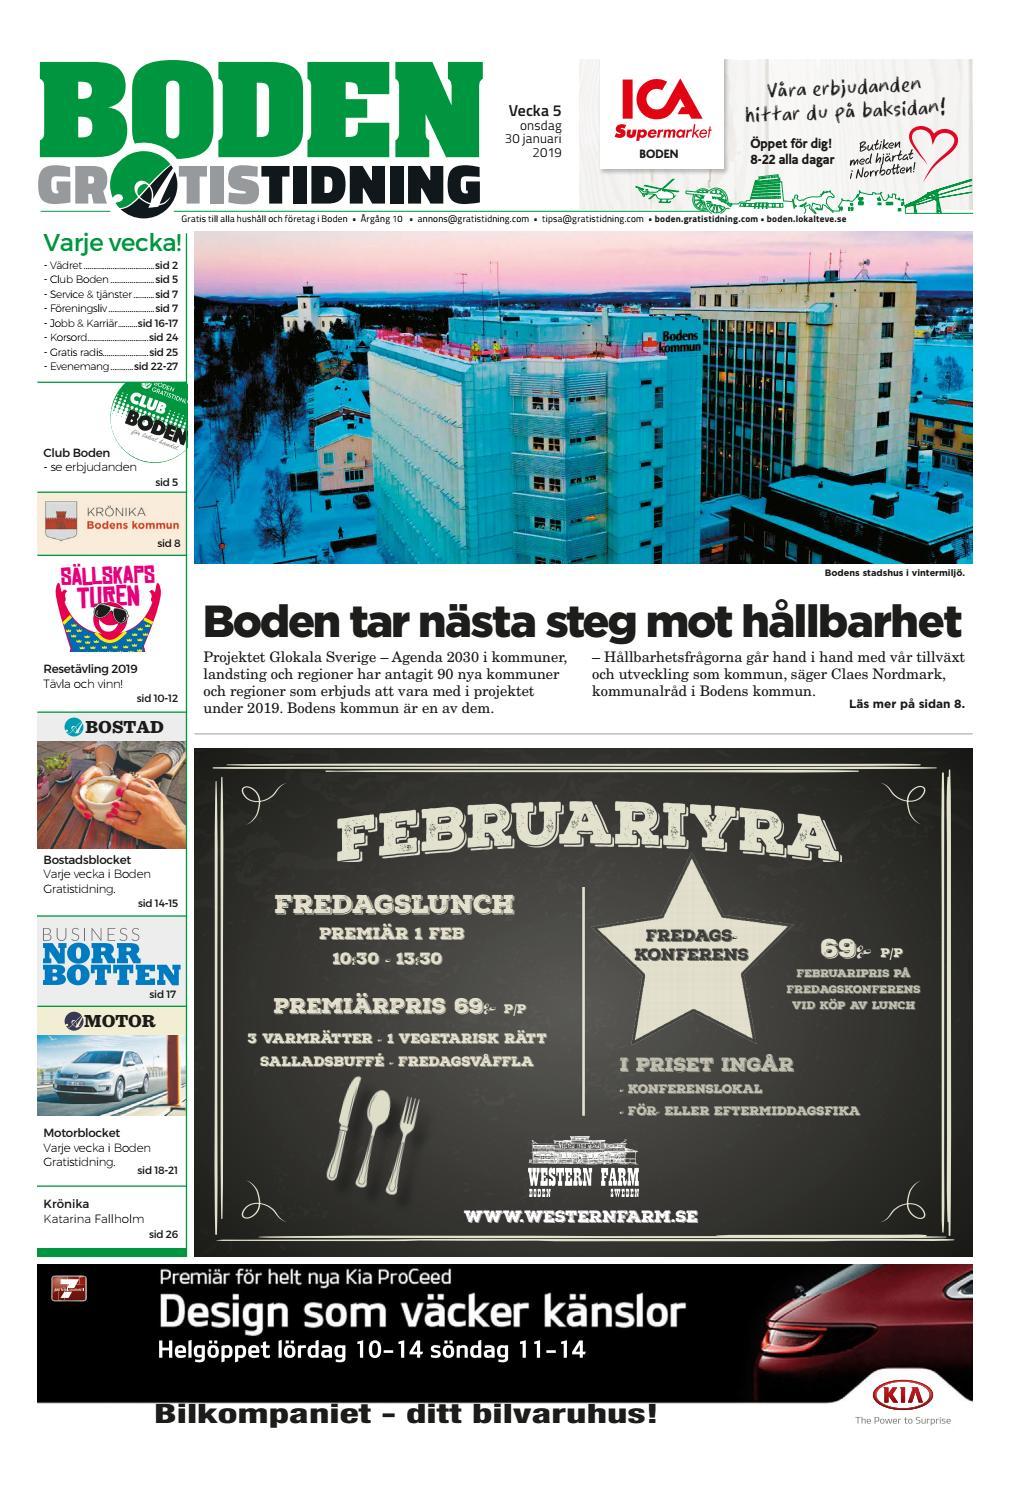 16a1d8572080 Boden Gratistidning vecka 05, 2019 by Svenska Civildatalogerna AB - issuu